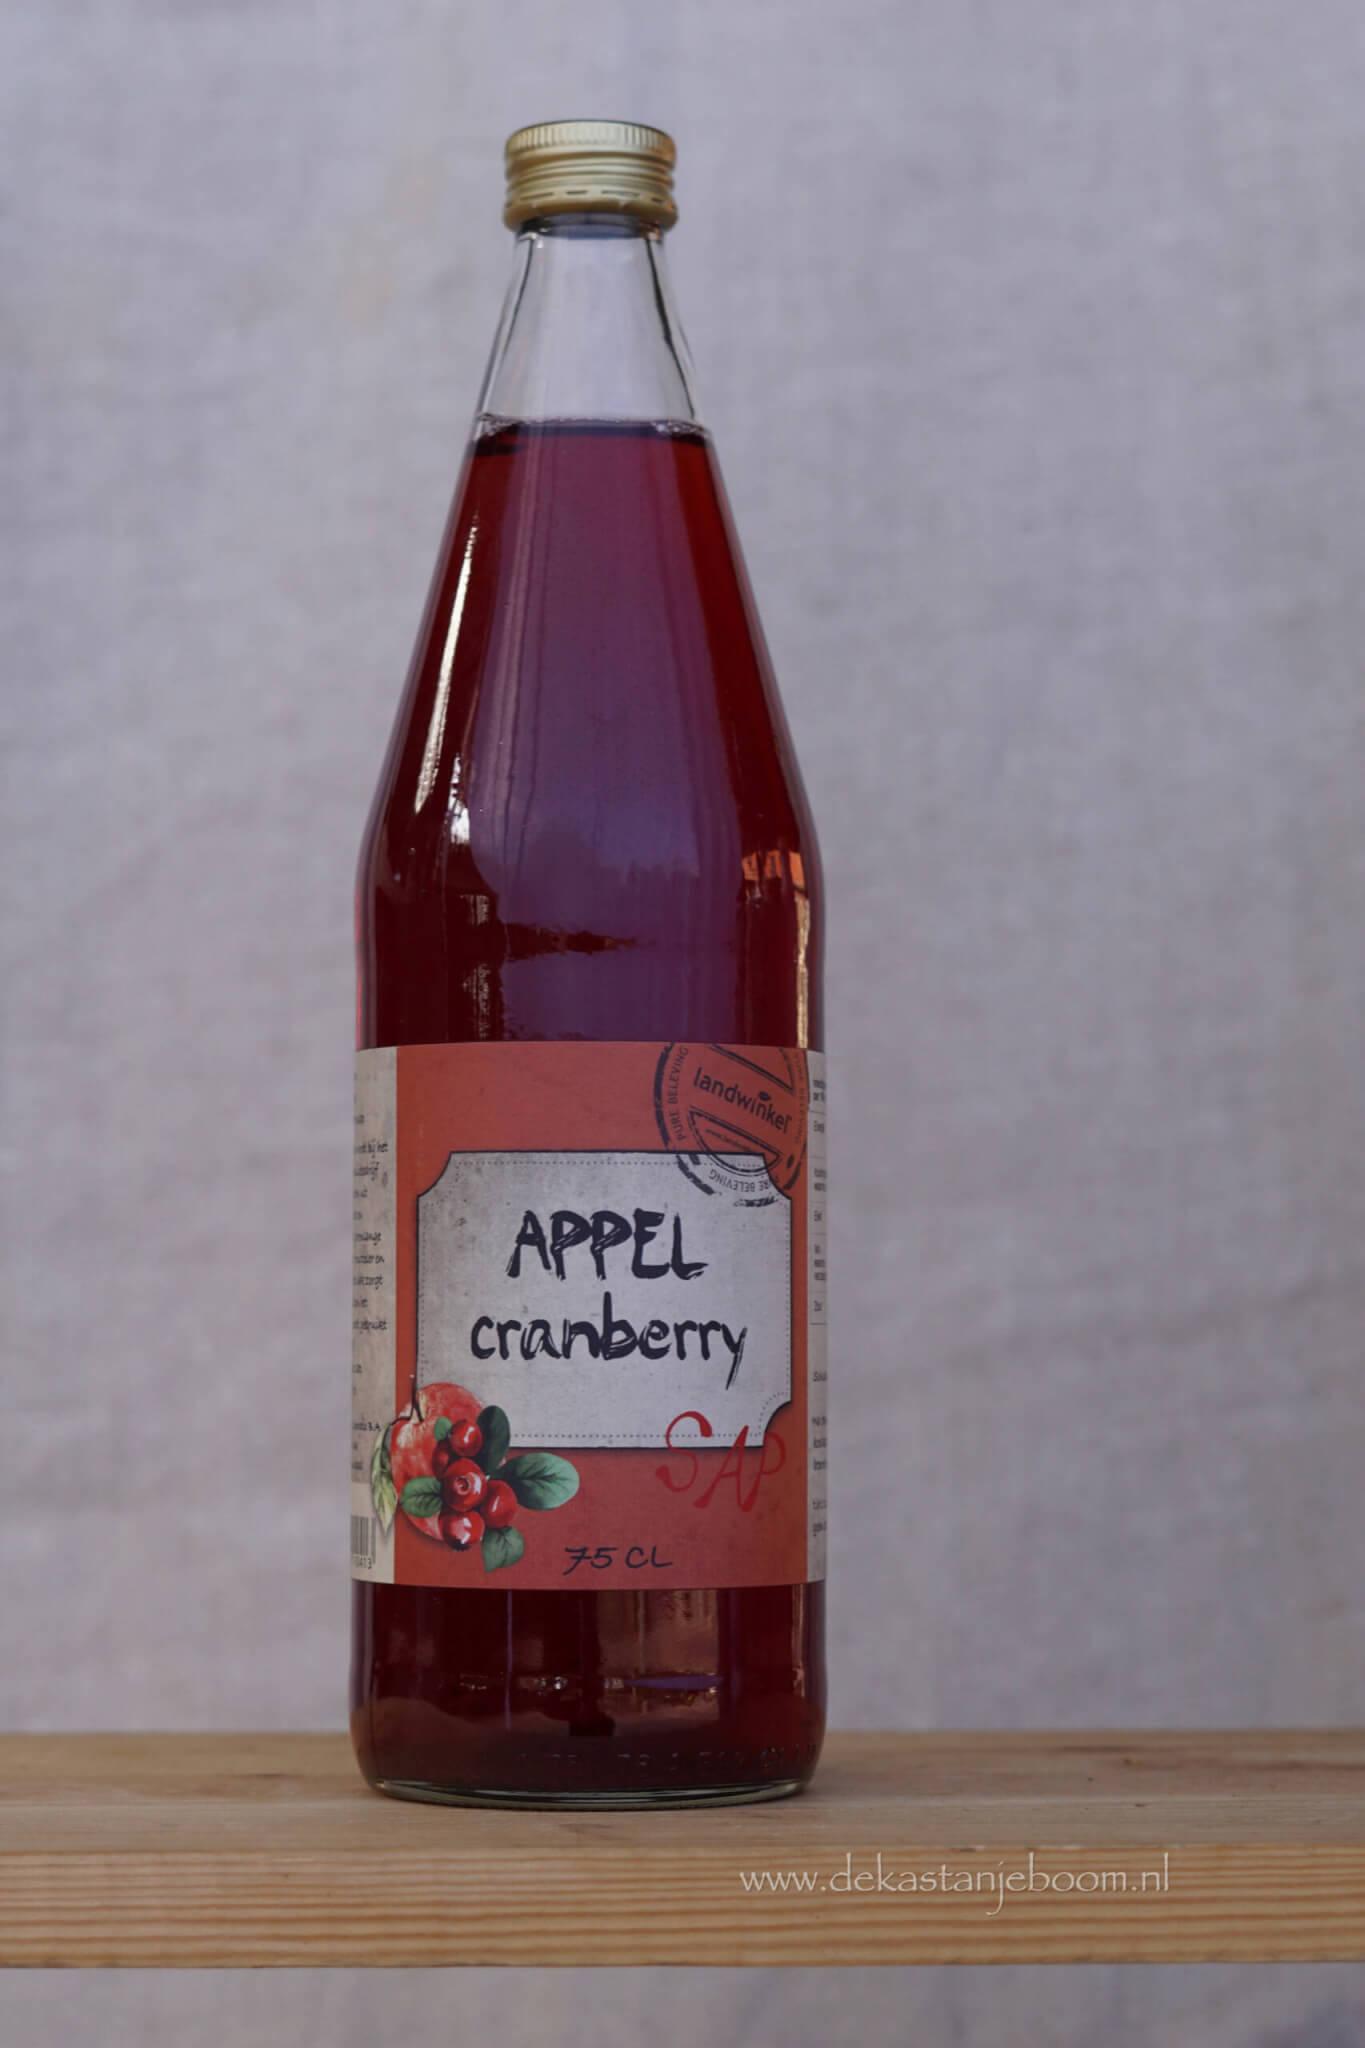 Appel cranberry sap 75cl